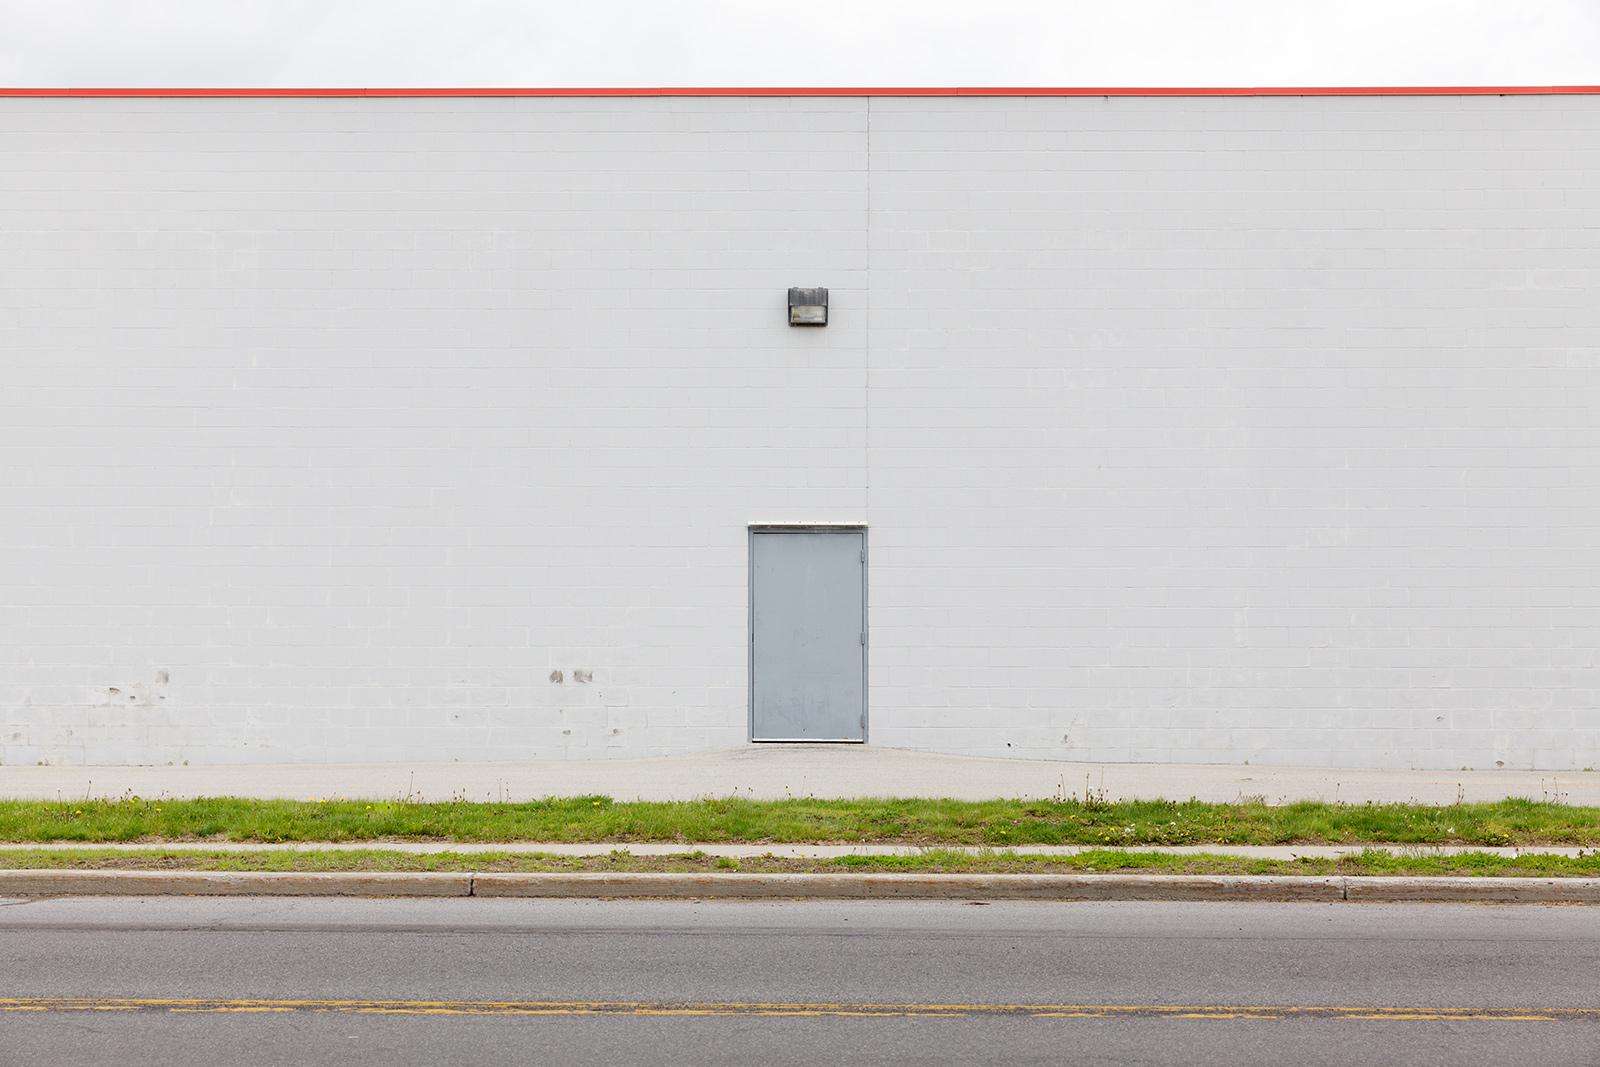 Kmart, Herkimer, NY